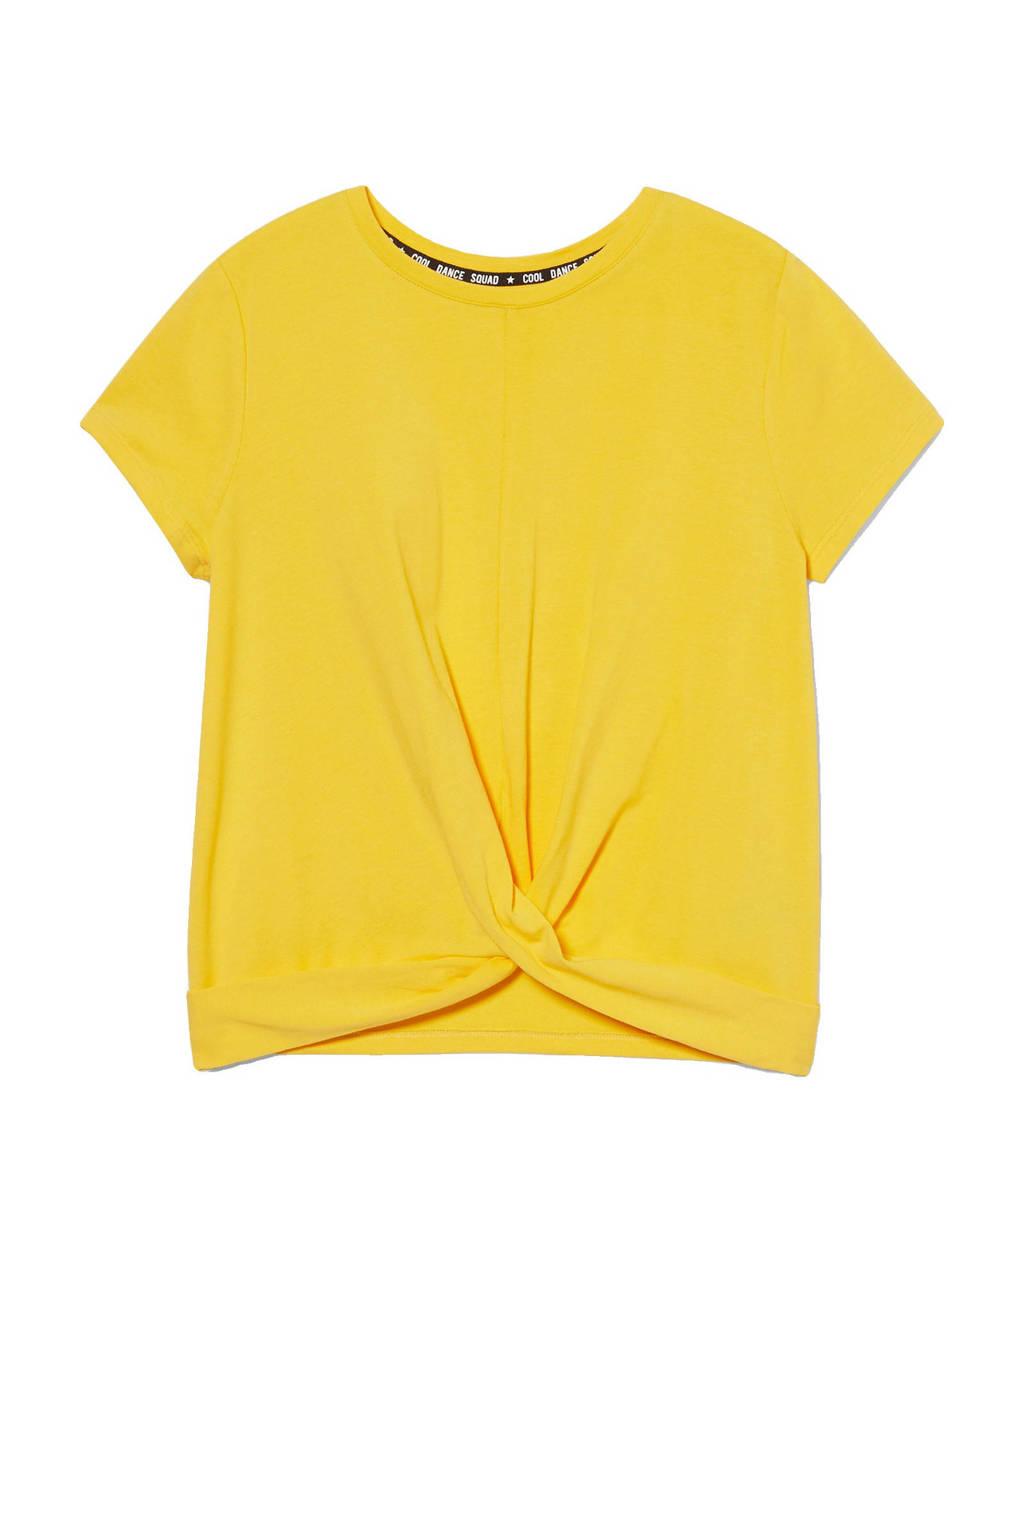 C&A Here & There T-shirt met biologisch katoen geel, Geel